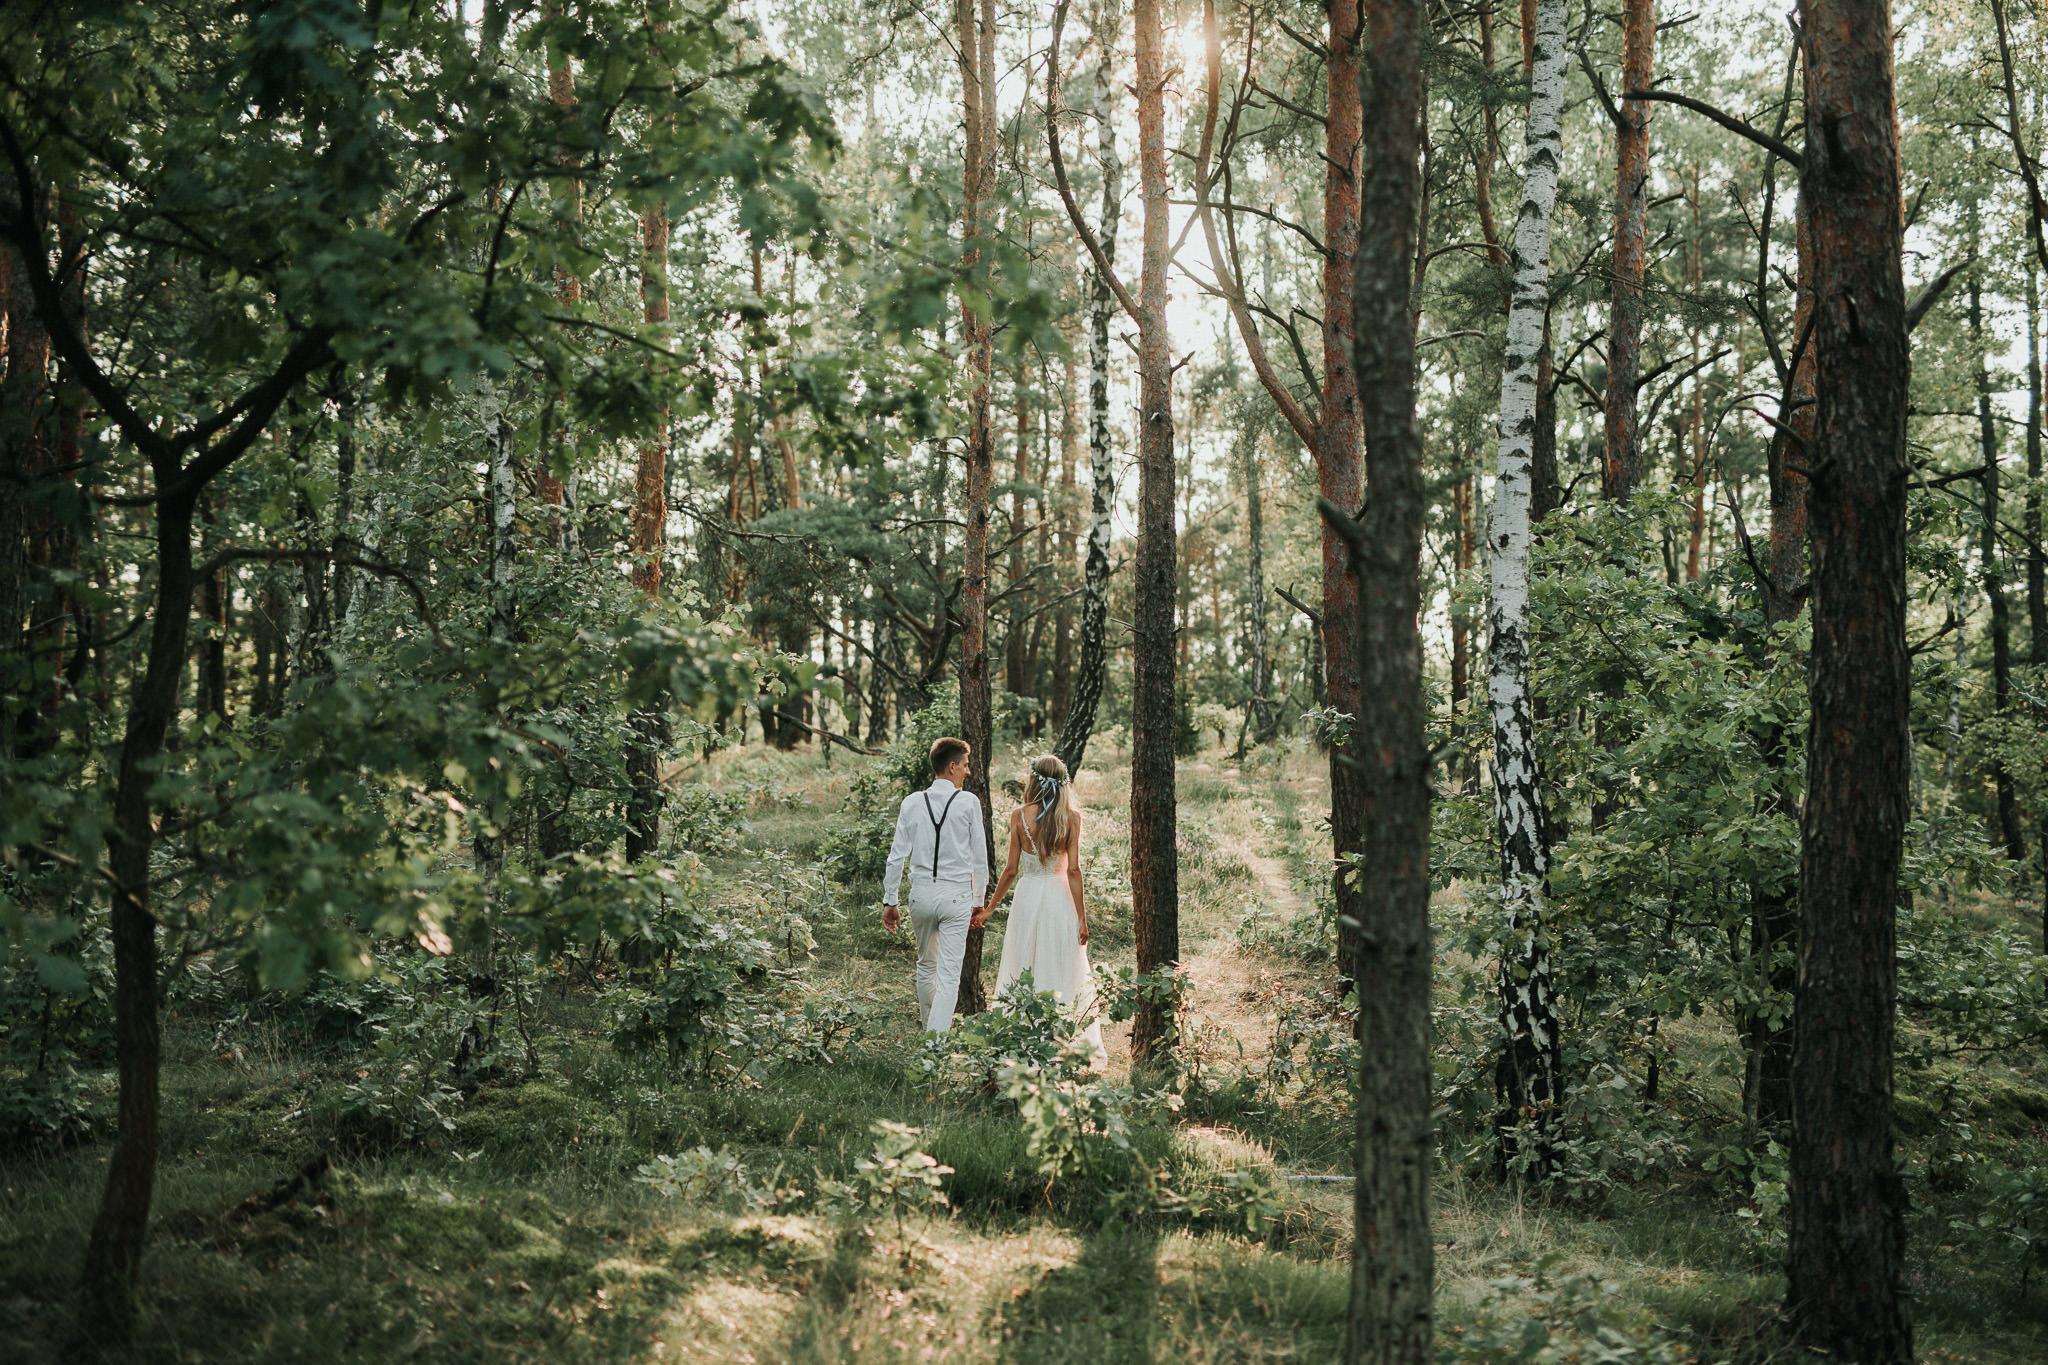 Rustykalna sesja w lesie nad Wisłą 505